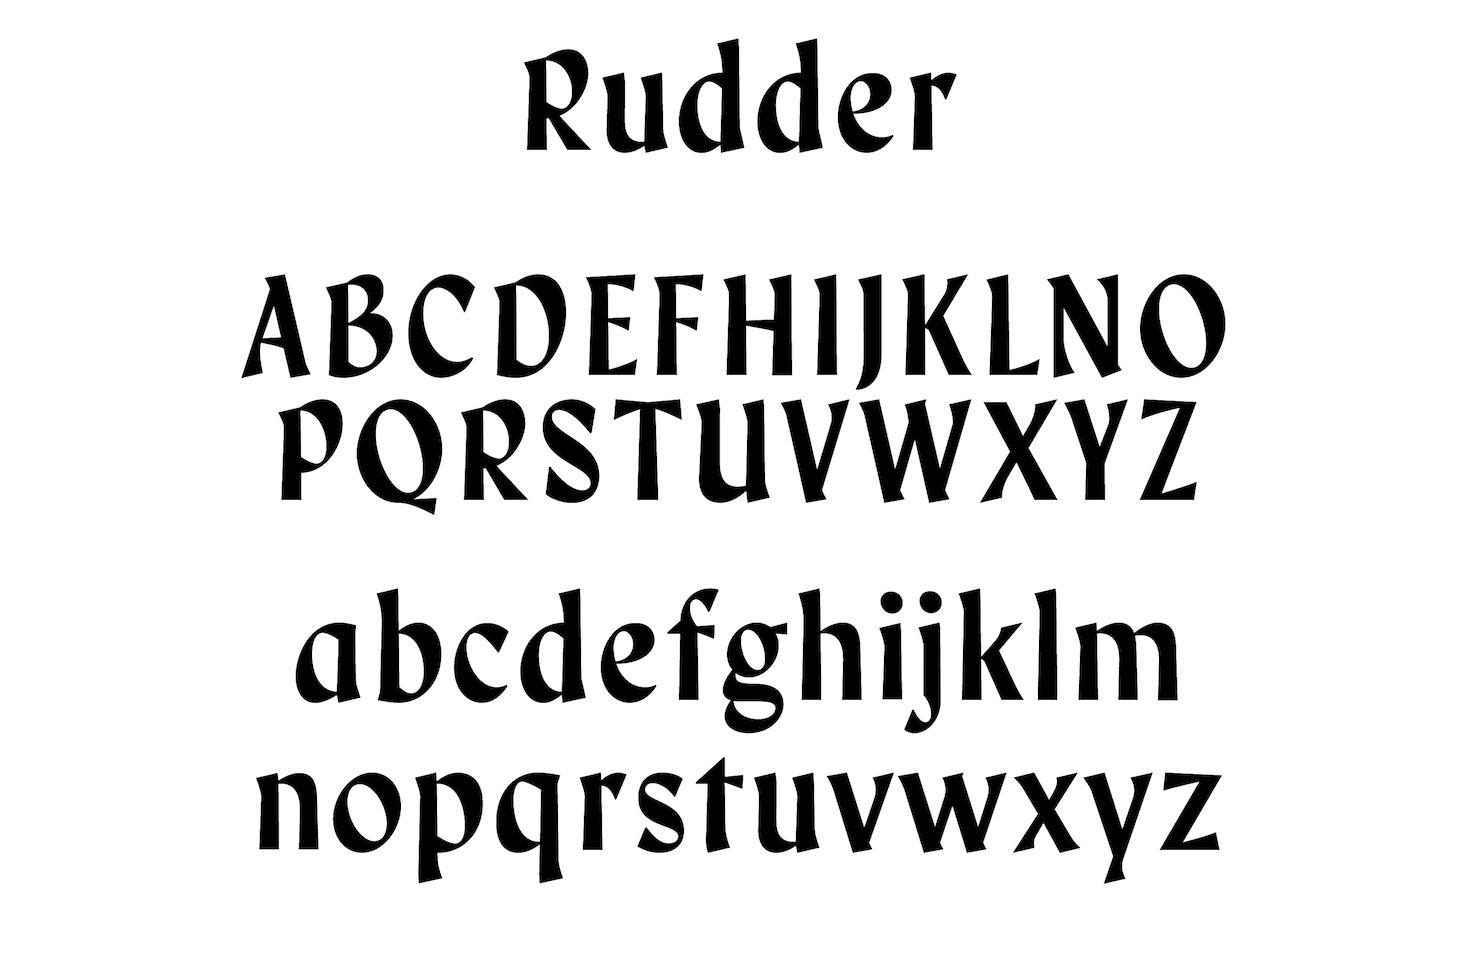 RUDDER_Typographie_04